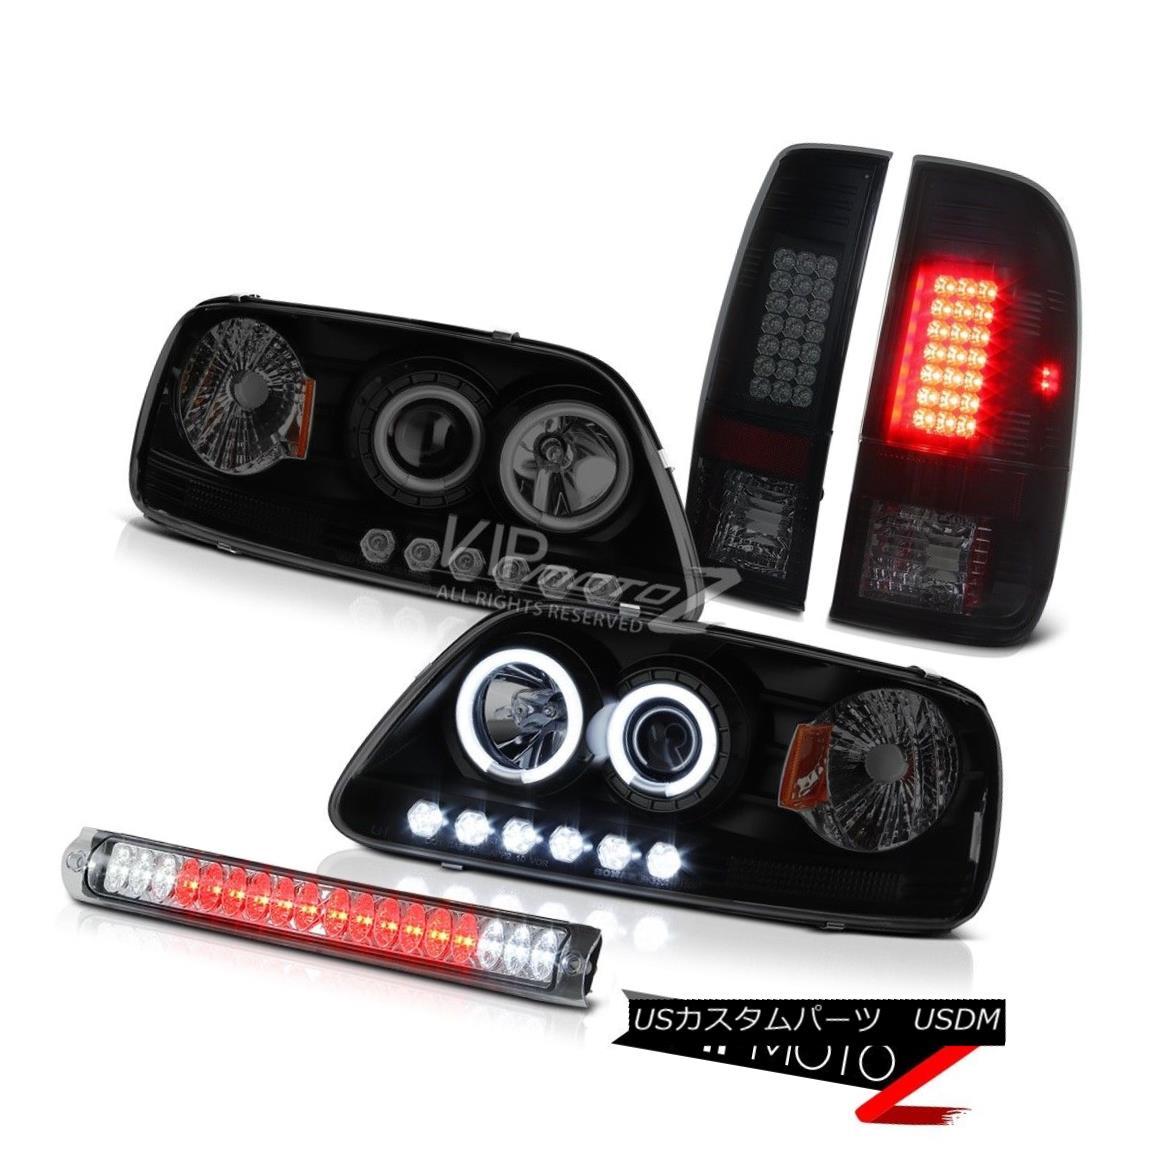 ヘッドライト Headlight w/CCFL Halo Ring Smoke Black LED Tail Light F150 Lariat 2001 2002 2003 ヘッドライト付きCCFLハローリングスモークブラックLEDテールライトF150 Lariat 2001 2002 2003